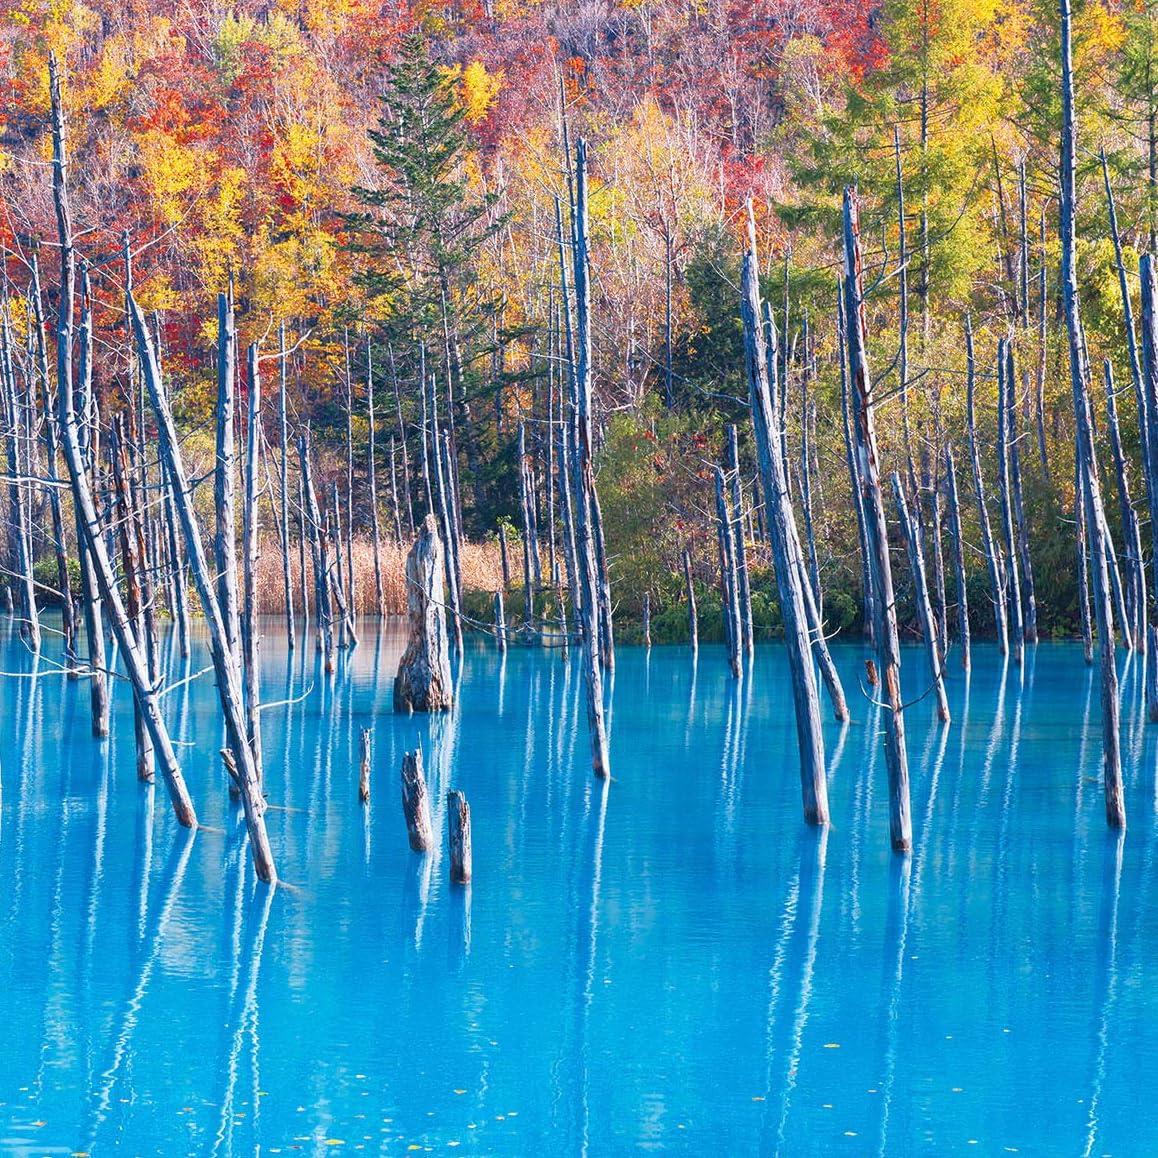 パワースポット Ipad壁紙 青い池 その他 スマホ用画像115457